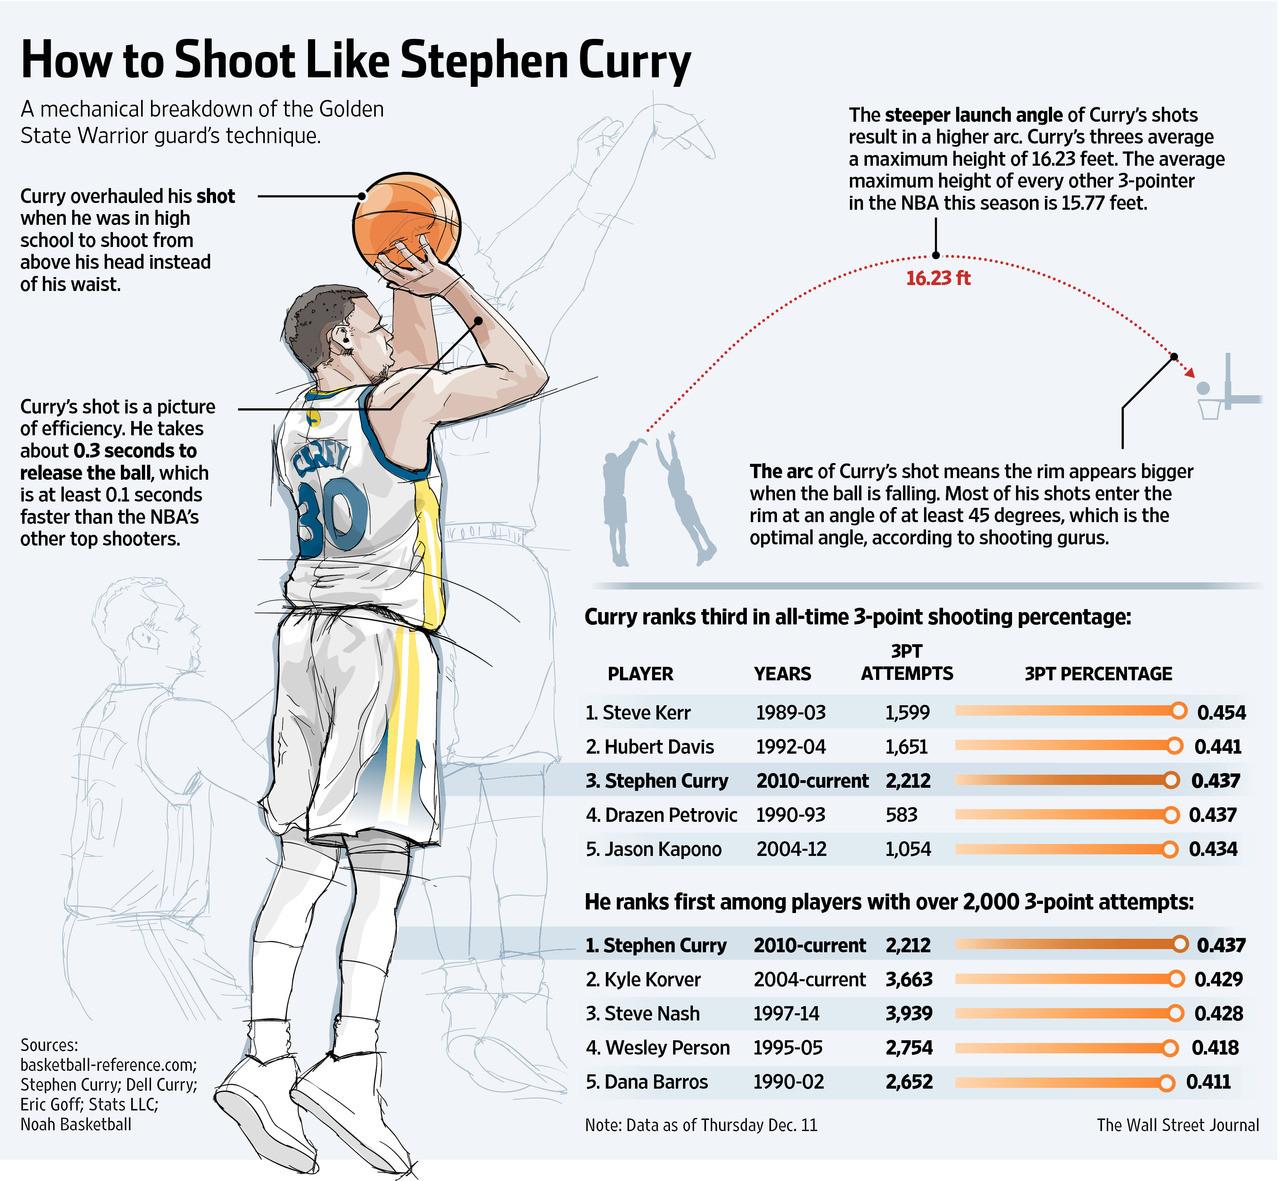 Les secrets du shoot de Stephen Curry